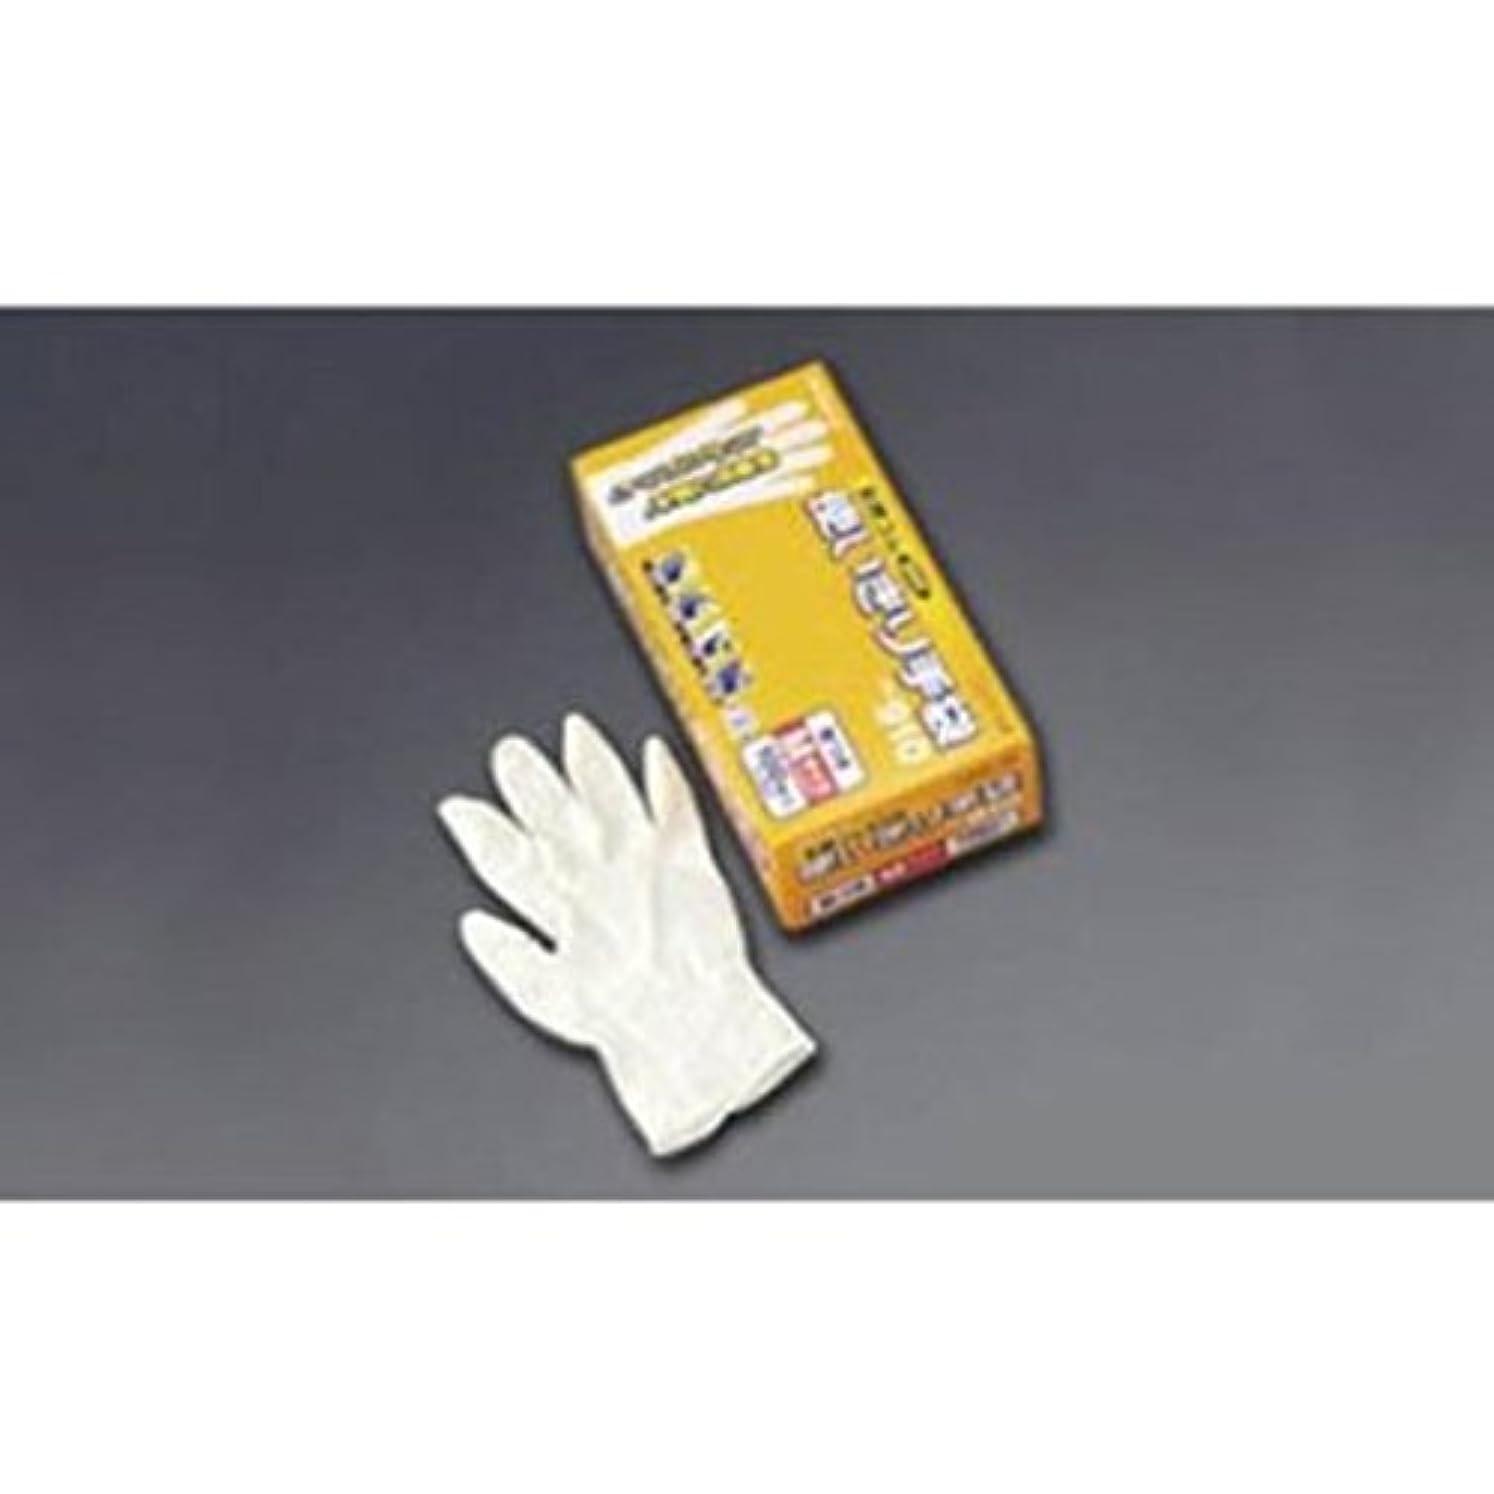 声を出してナイトスポット速記(まとめ買い)エステー 天然ゴム使い切り手袋 No.910 M 【×3セット】